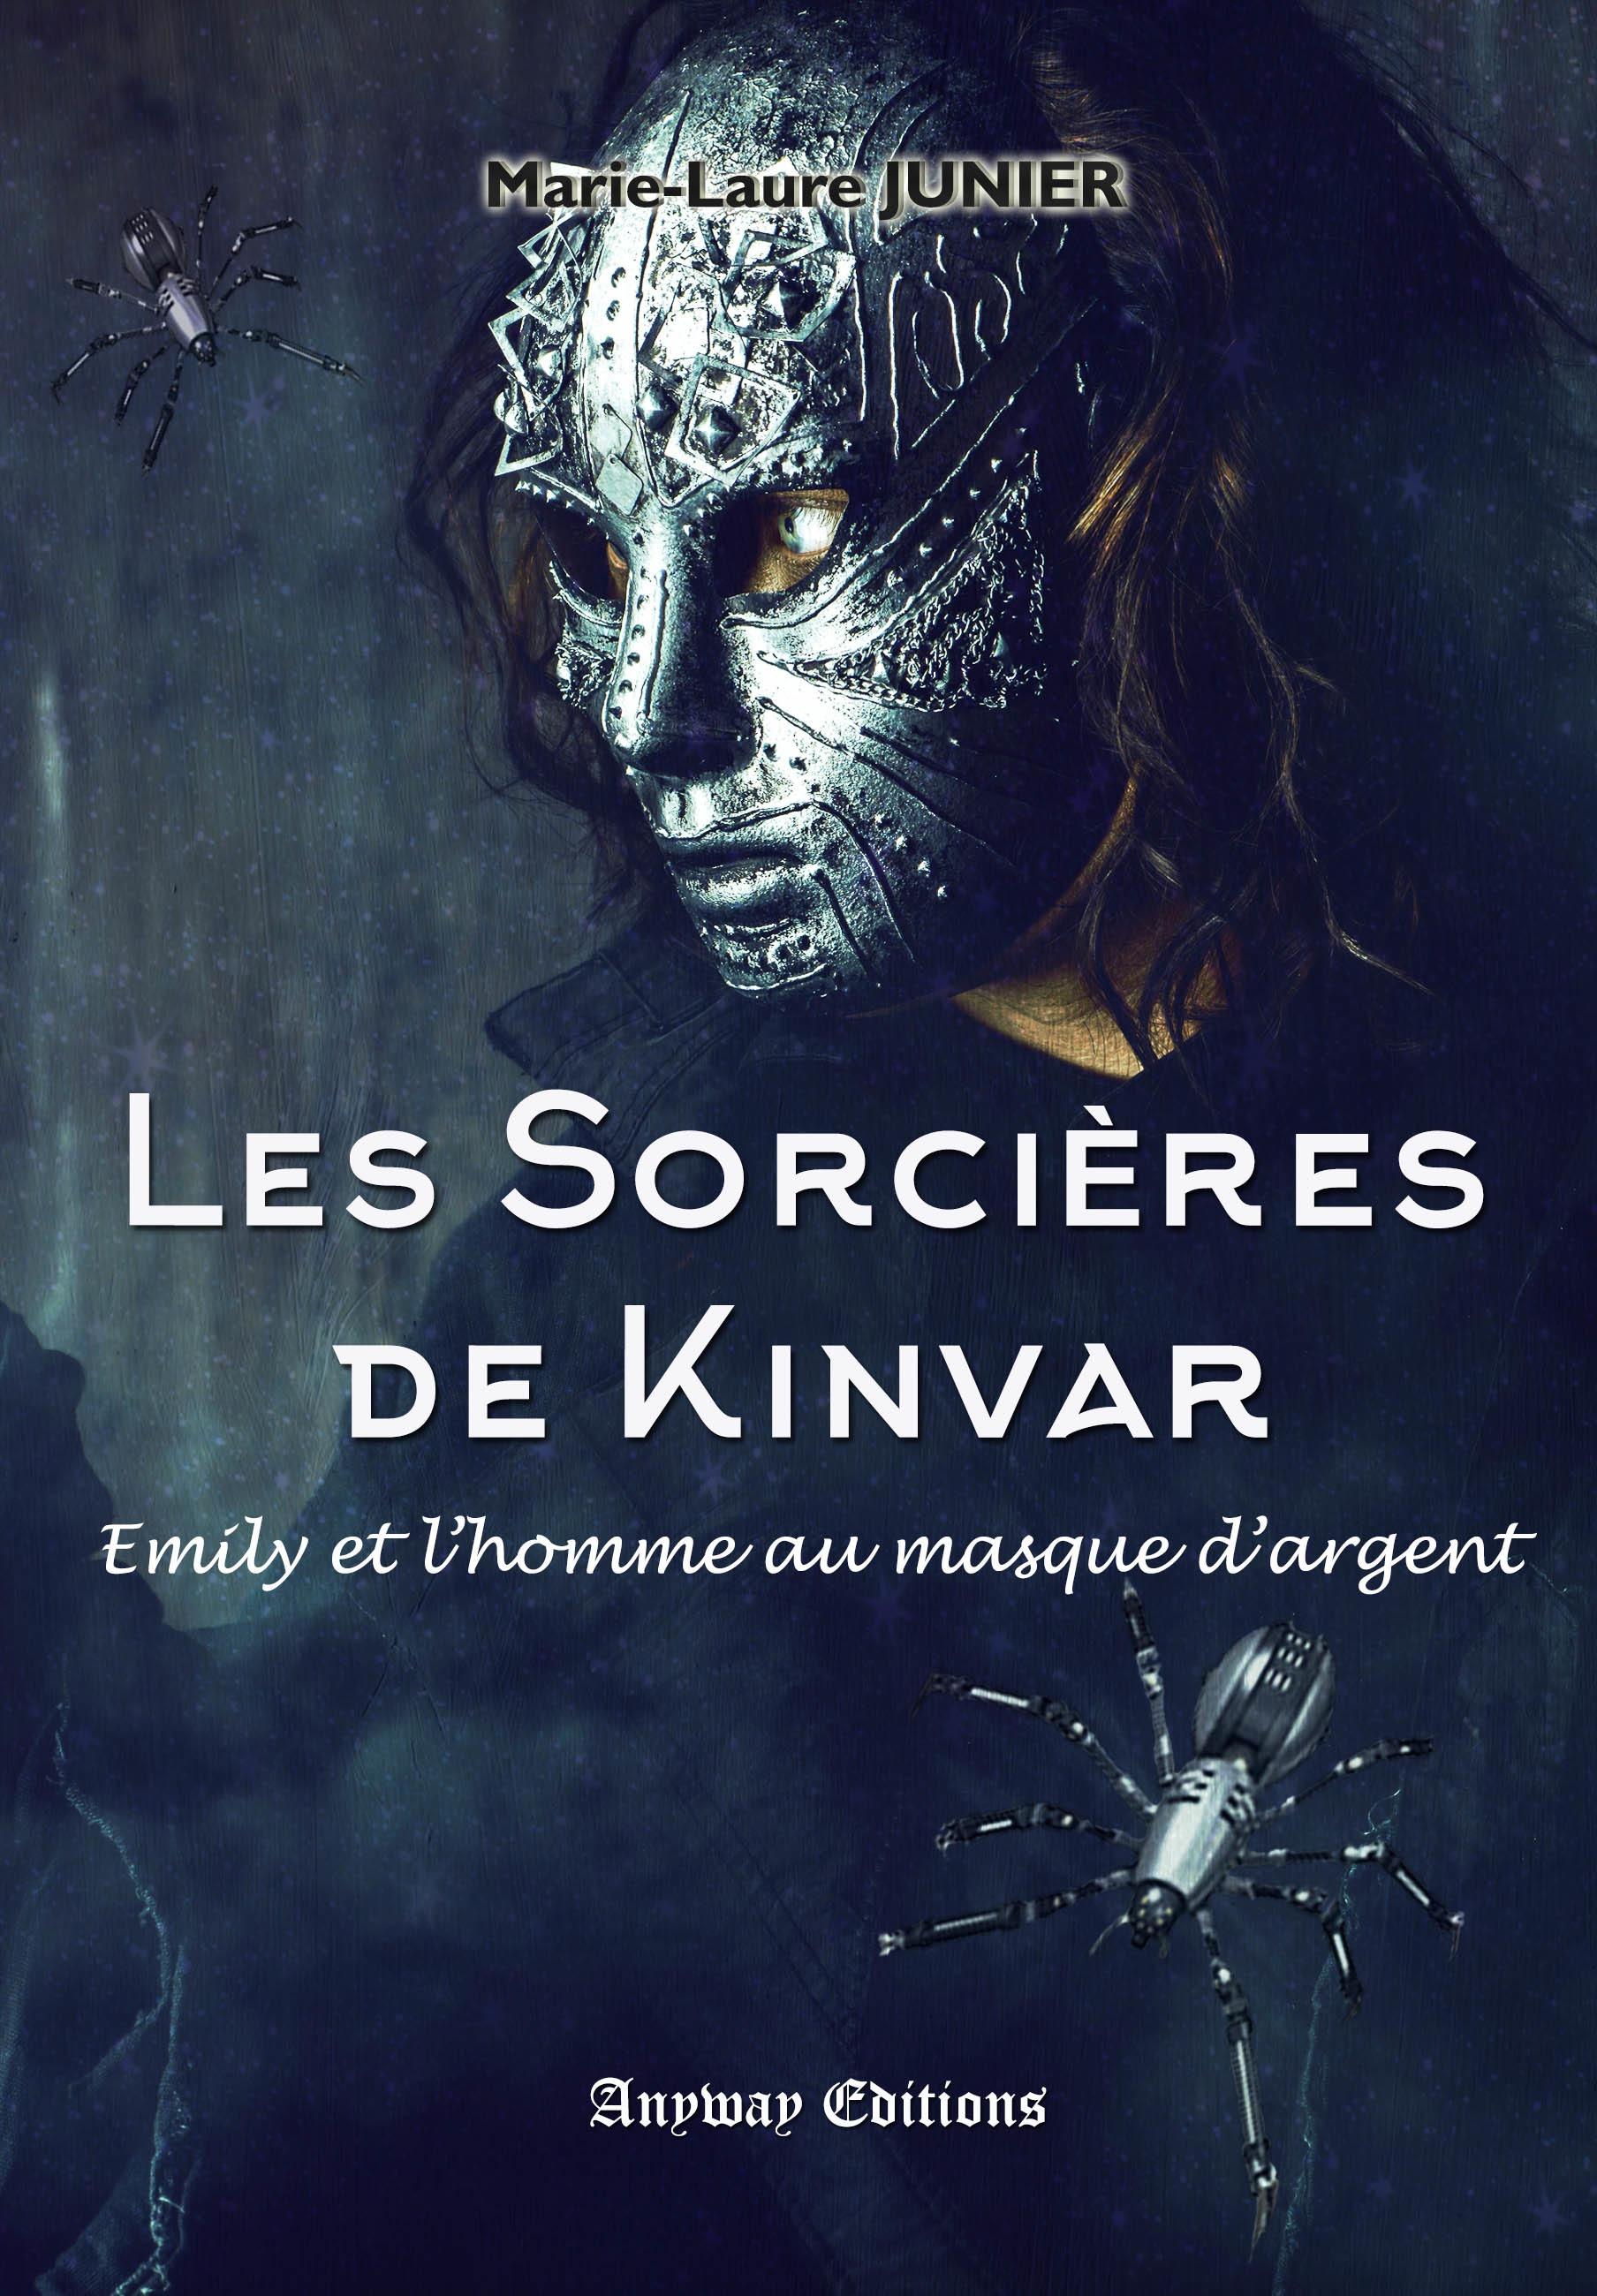 Emily et l'homme au masque d'argent, LES SORCIÈRES DE KINVAR, TOME 2